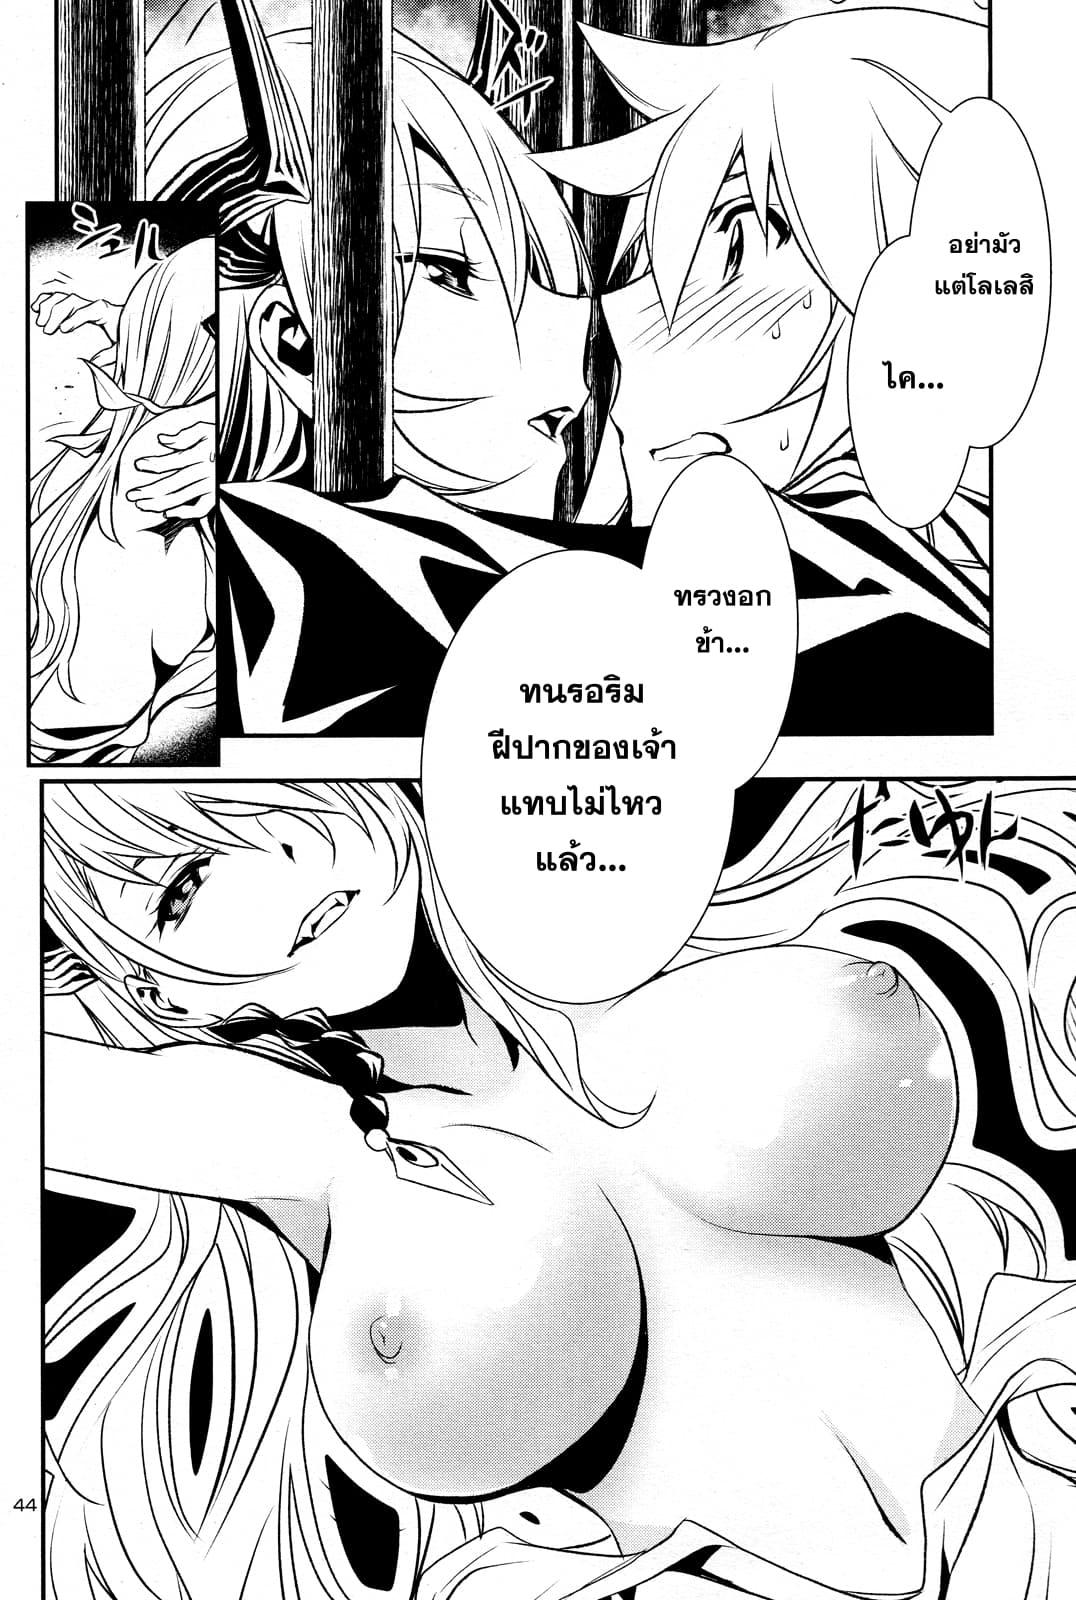 อ่านการ์ตูน Shinju no Nectar ตอนที่ 6 หน้าที่ 44